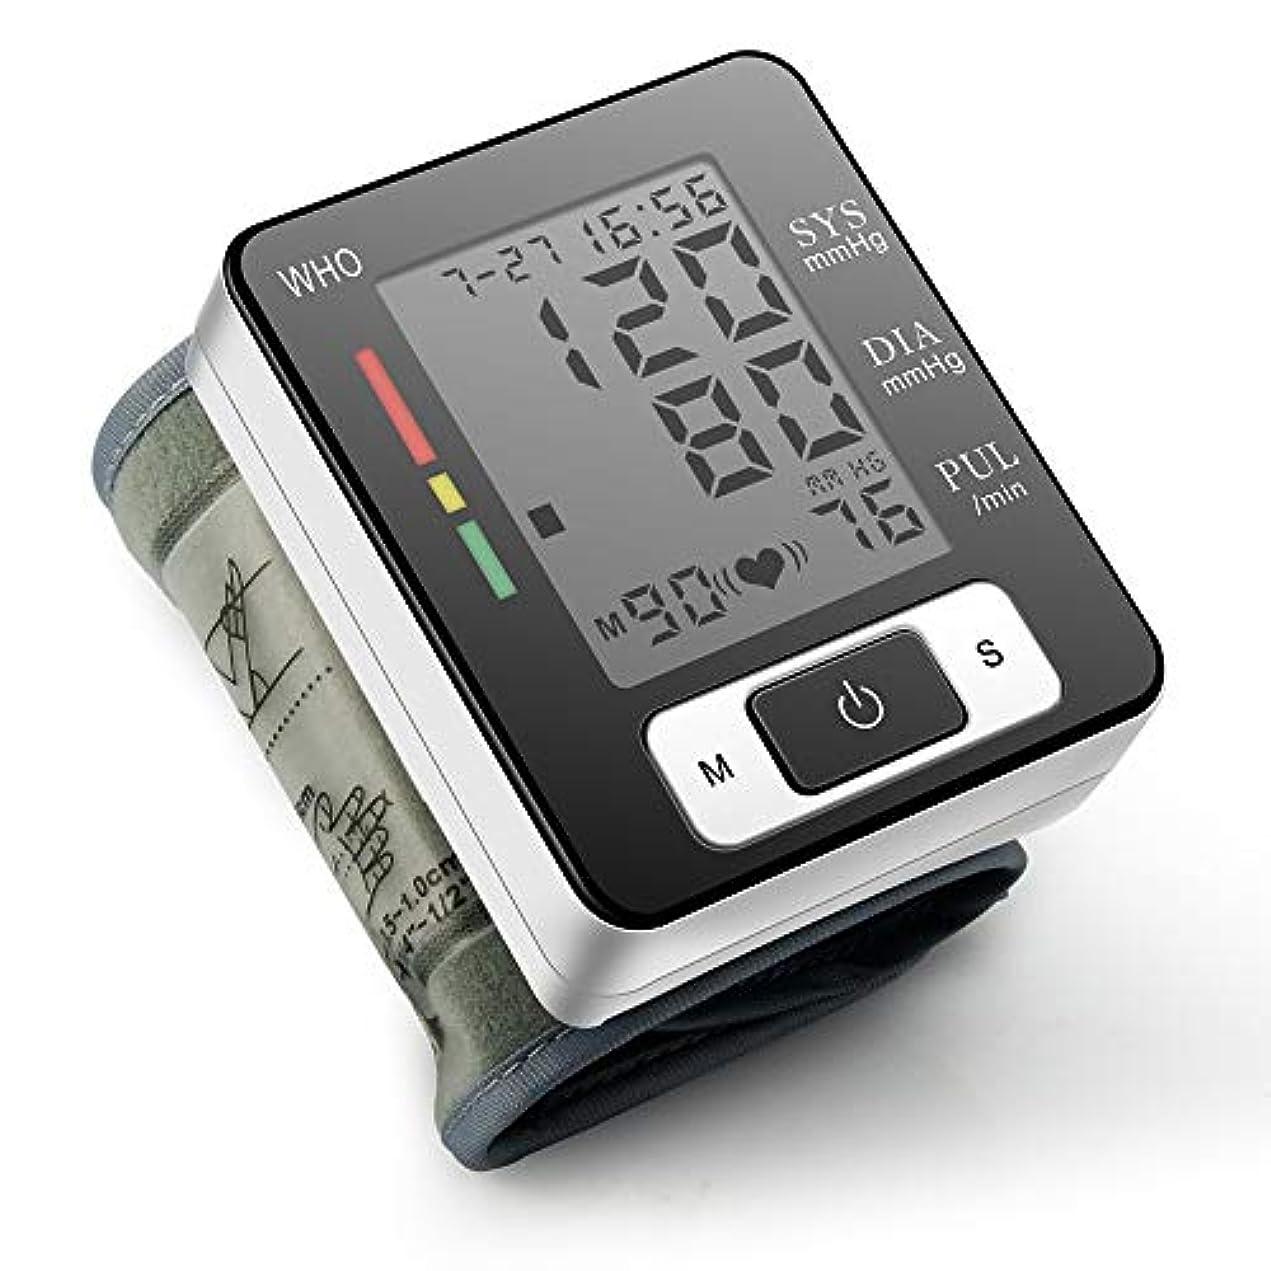 斧羊の服を着た狼後ろ、背後、背面(部Lixiuqun home CK-W133全自動腕時計カフ血圧計